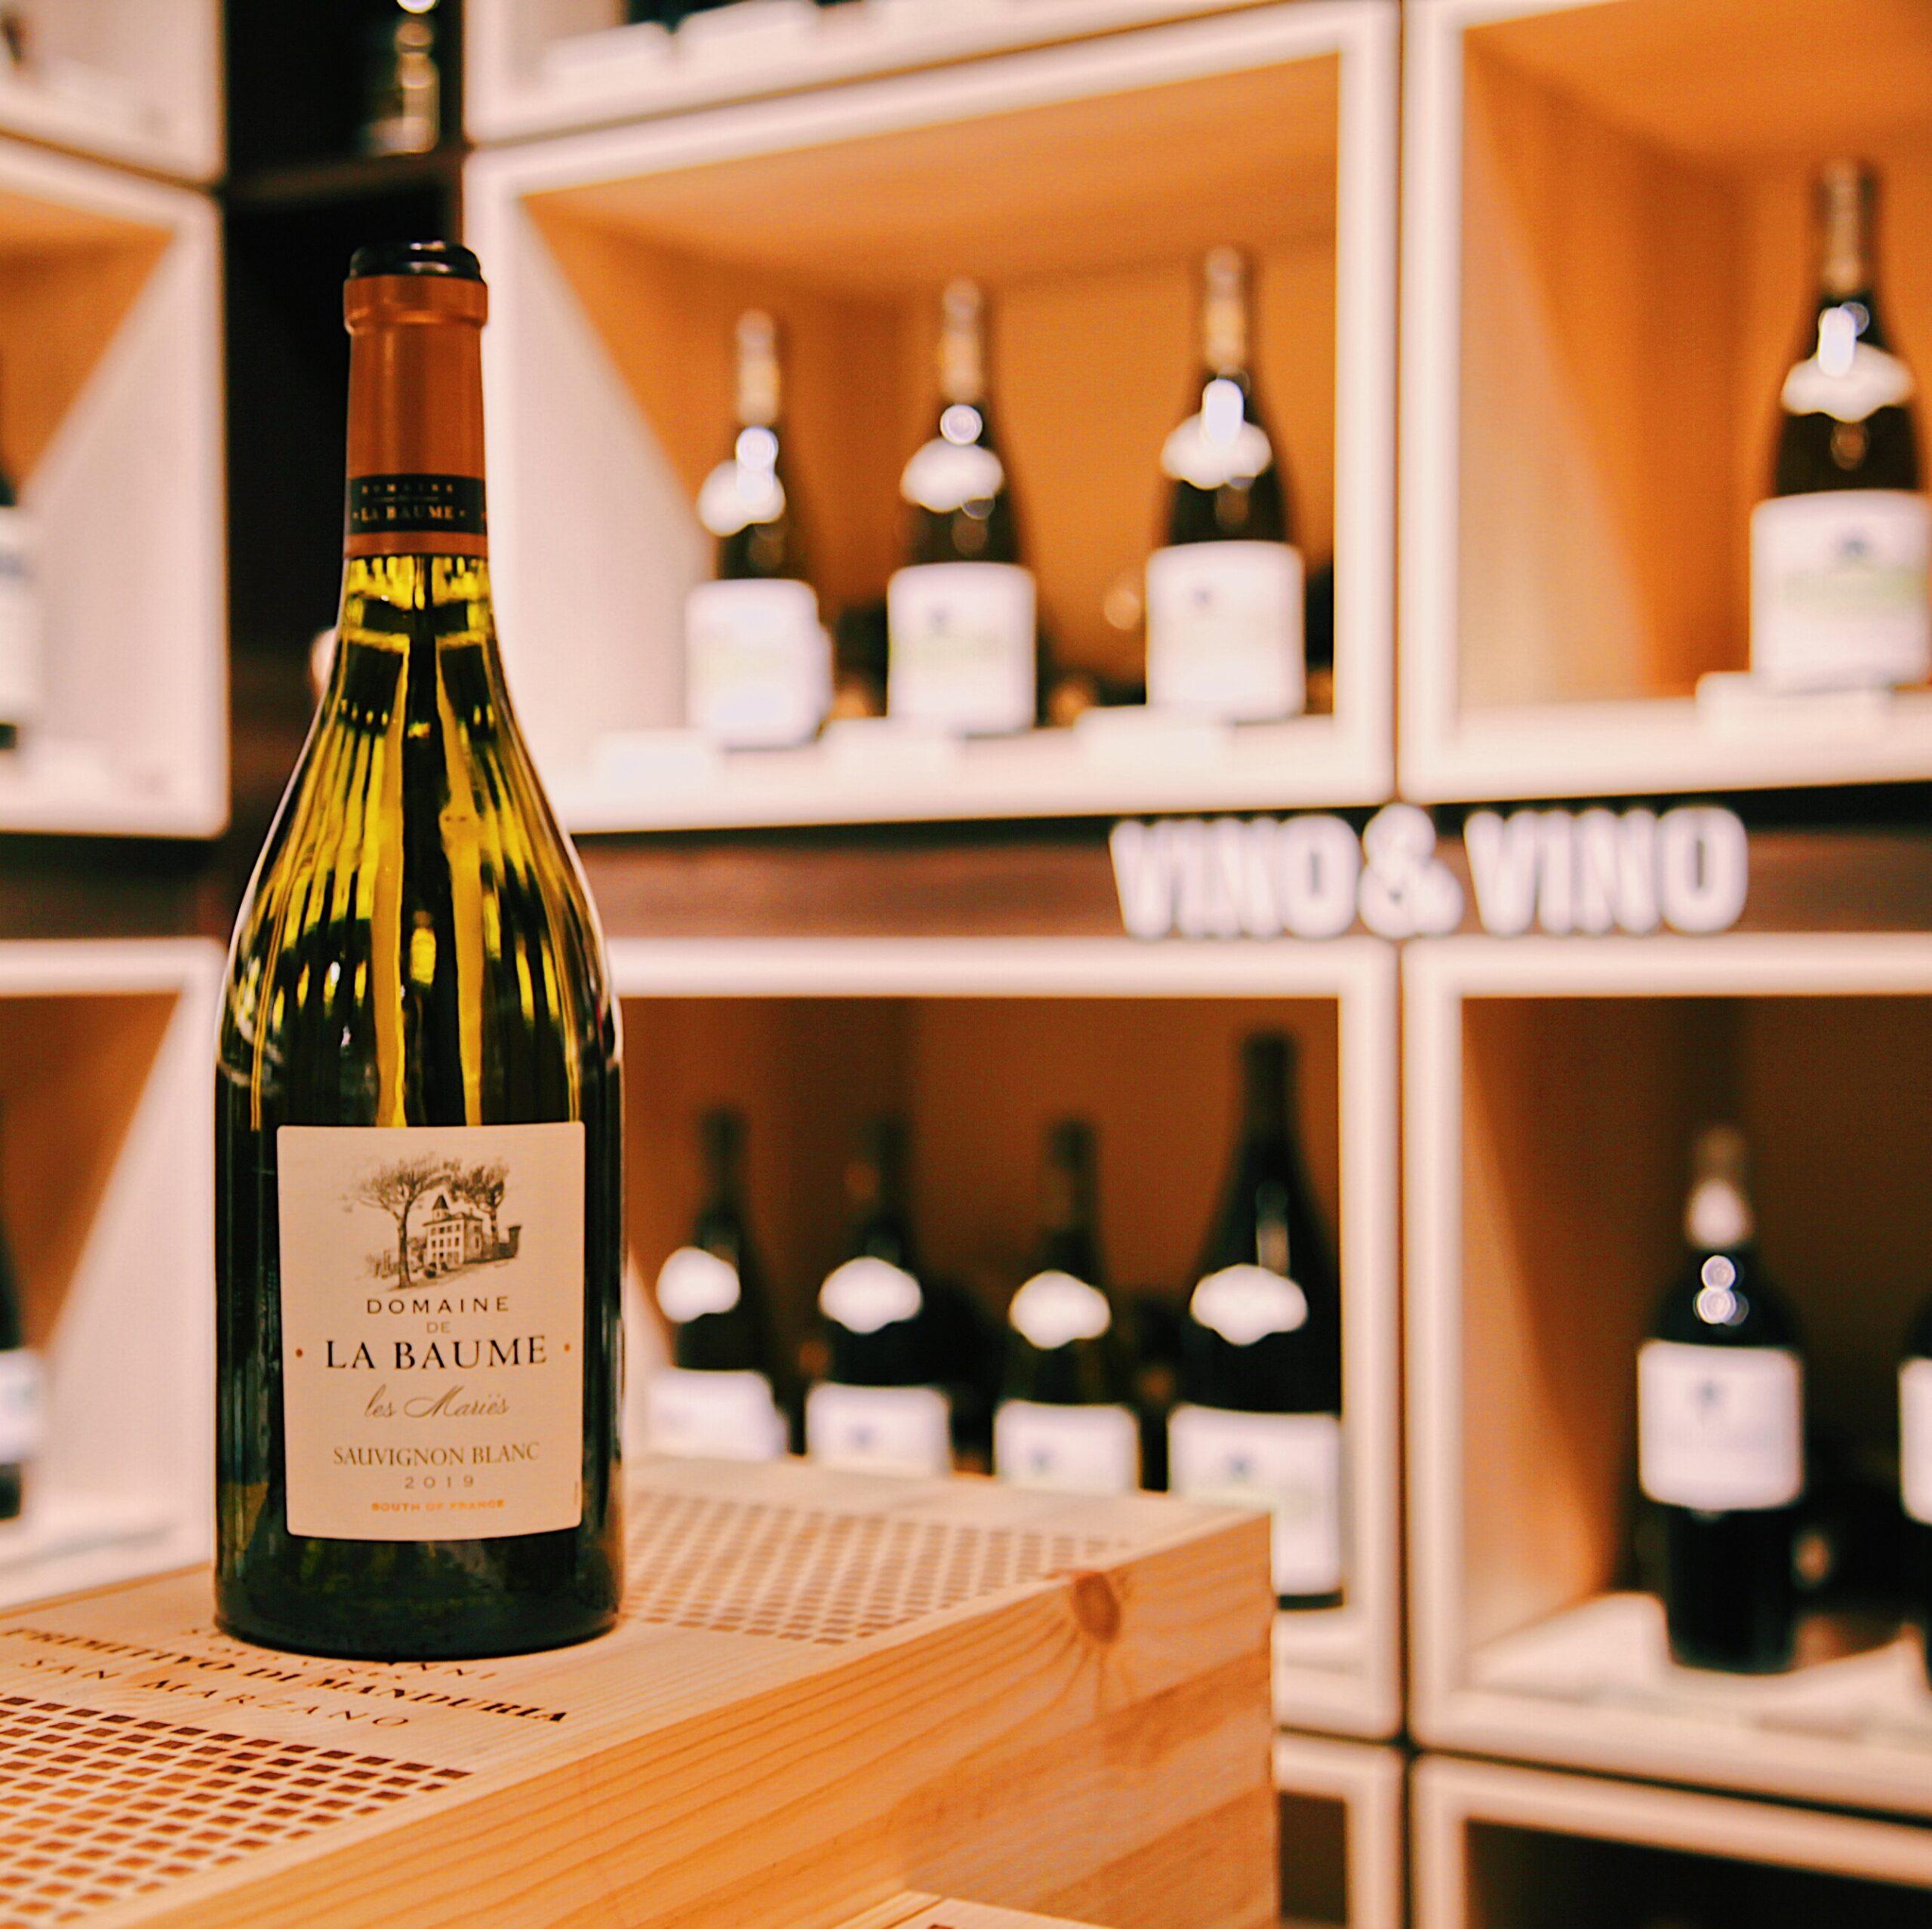 Domaine De La Baume – Sauvignon Blanc